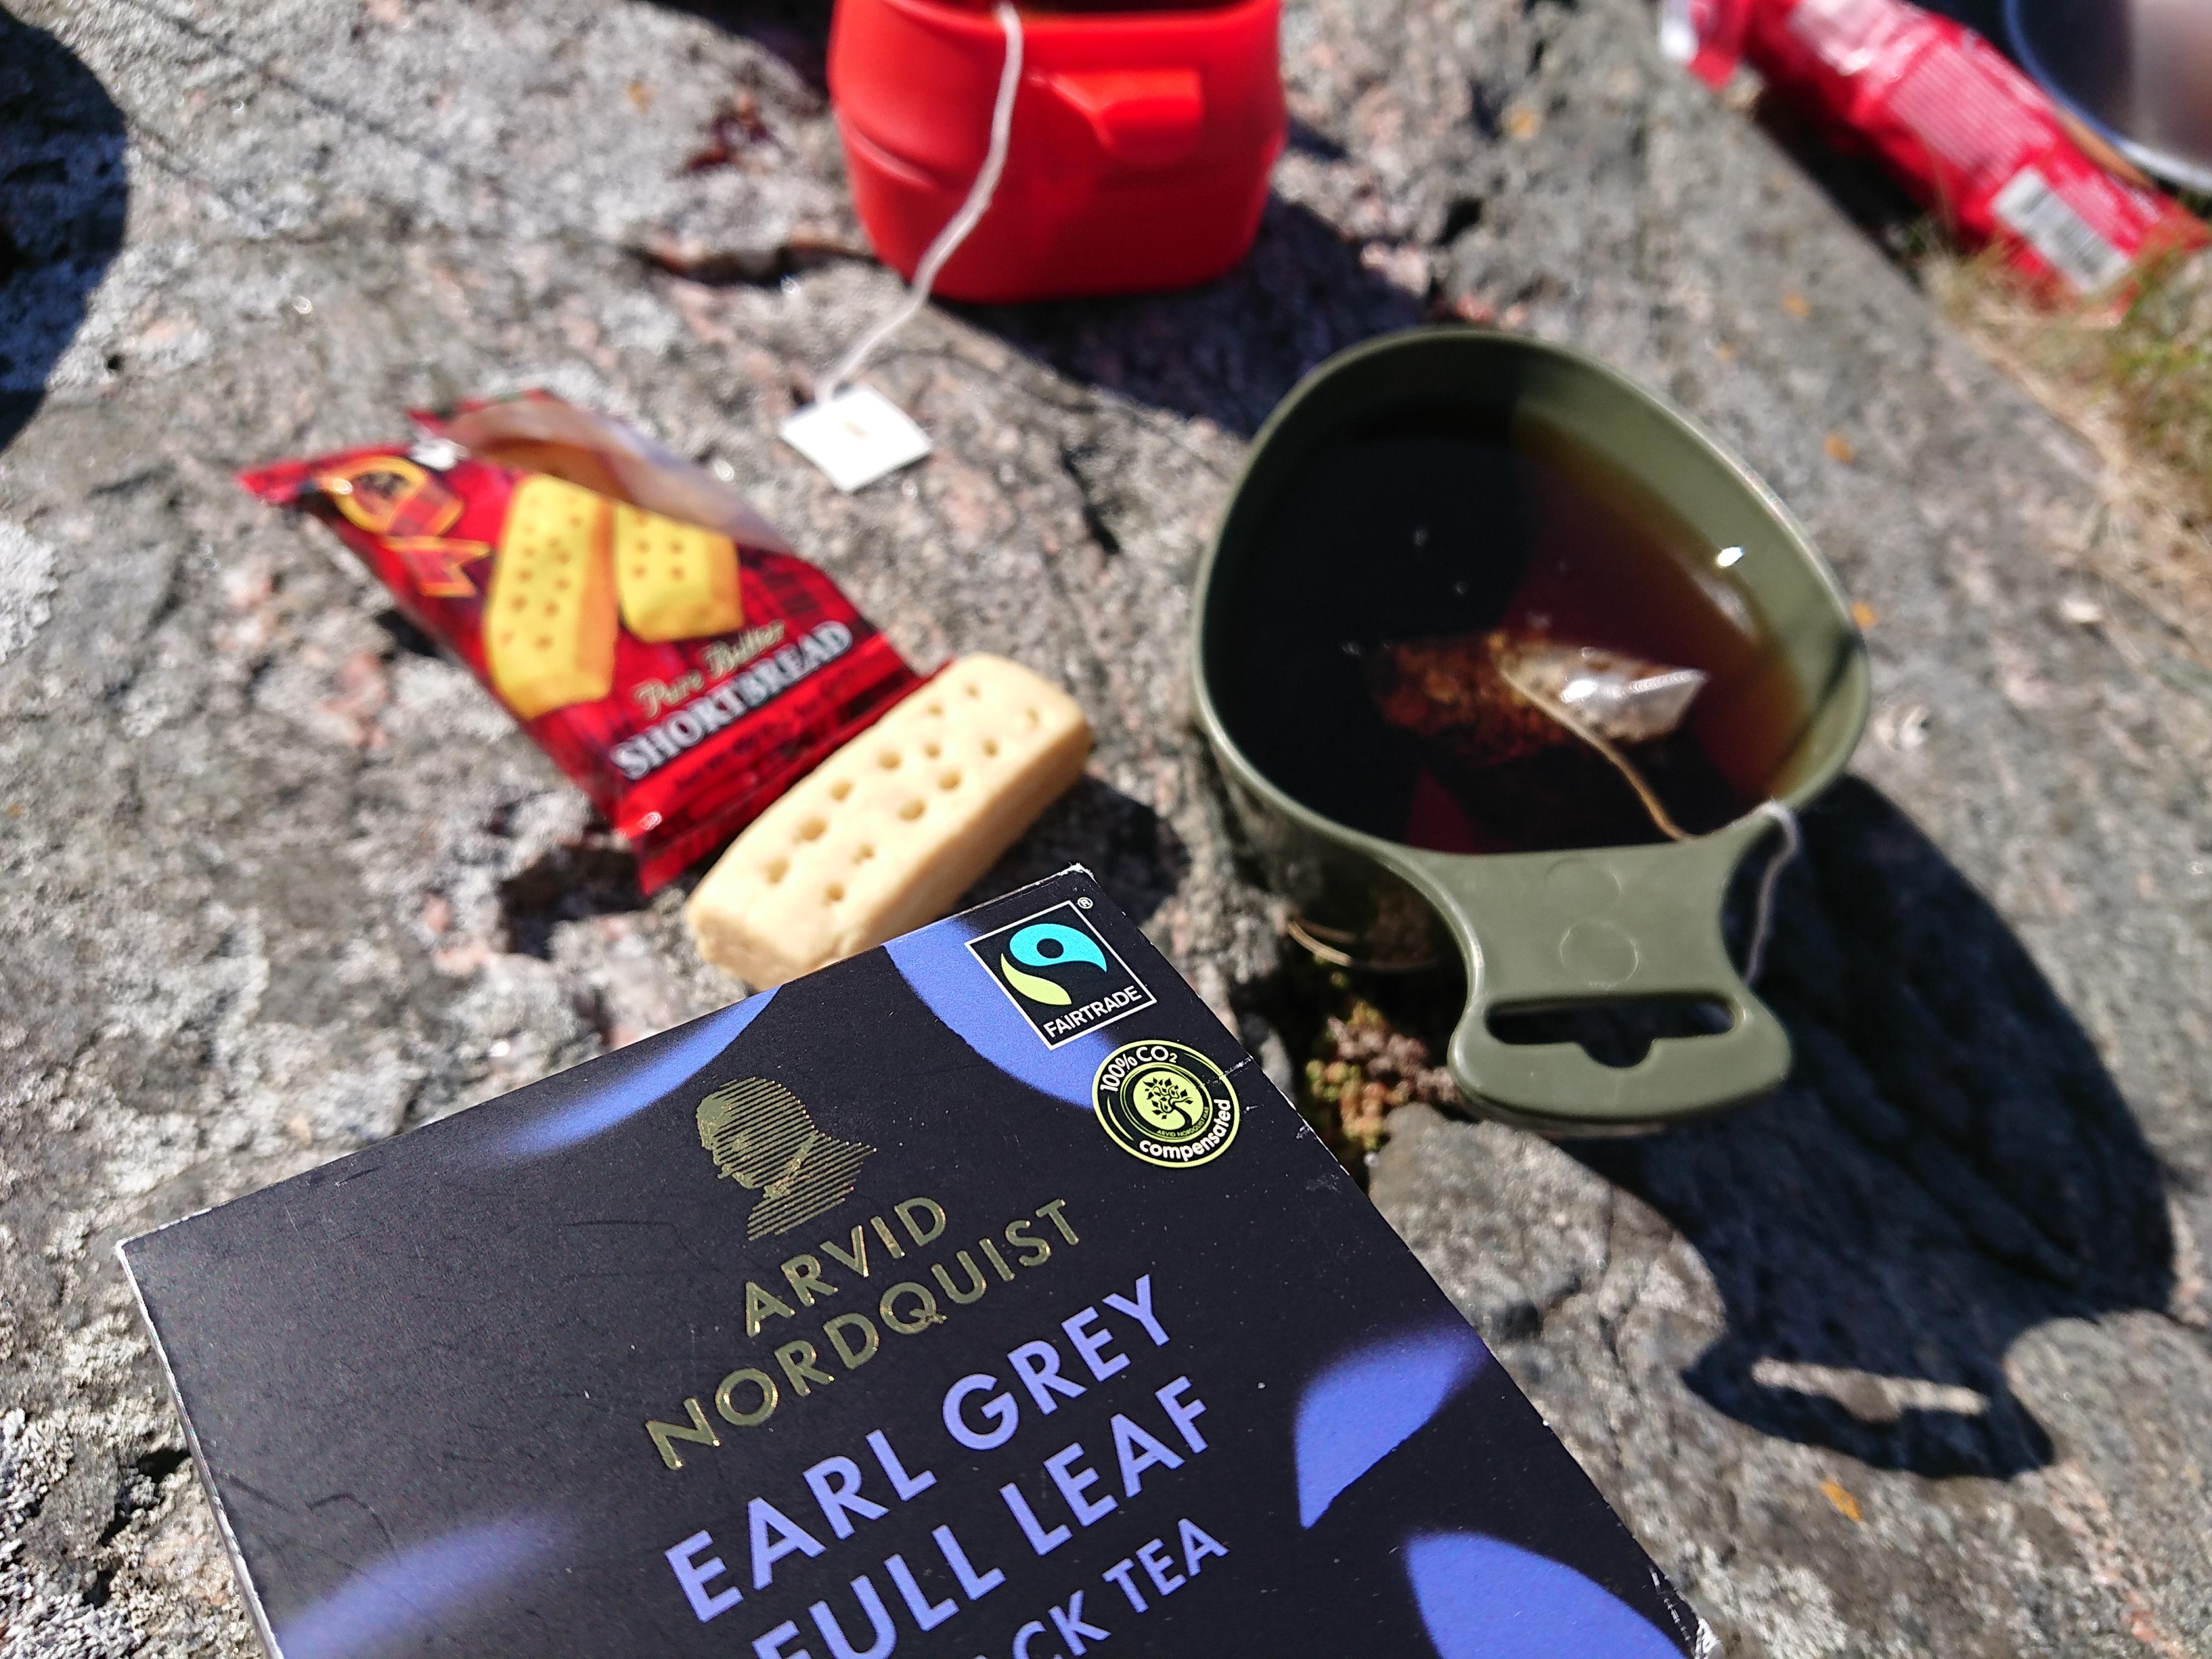 Fairtradete och shortbread